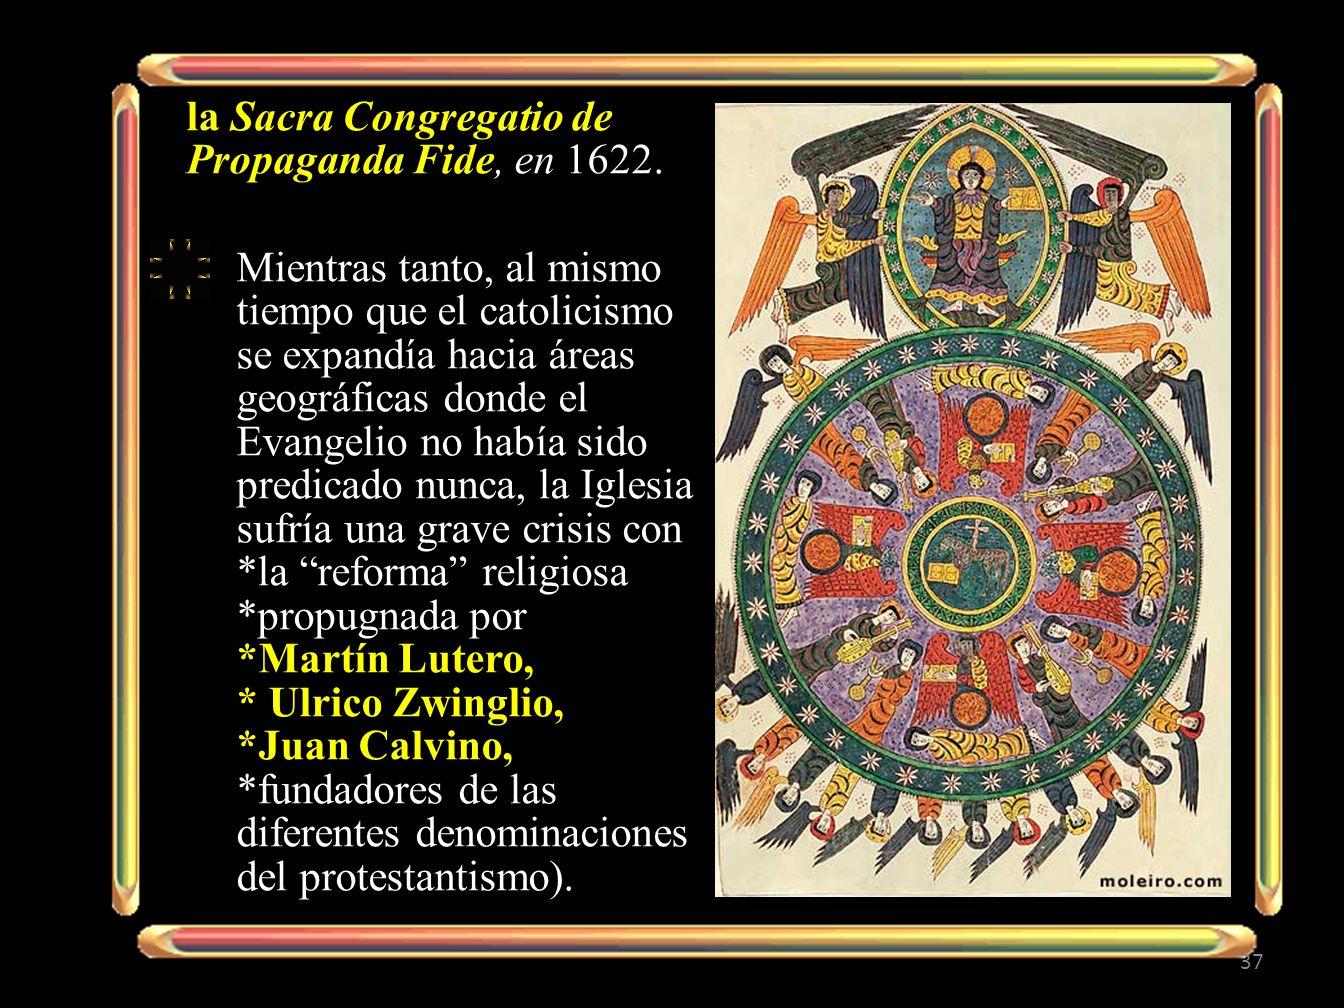 la Sacra Congregatio de Propaganda Fide, en 1622.